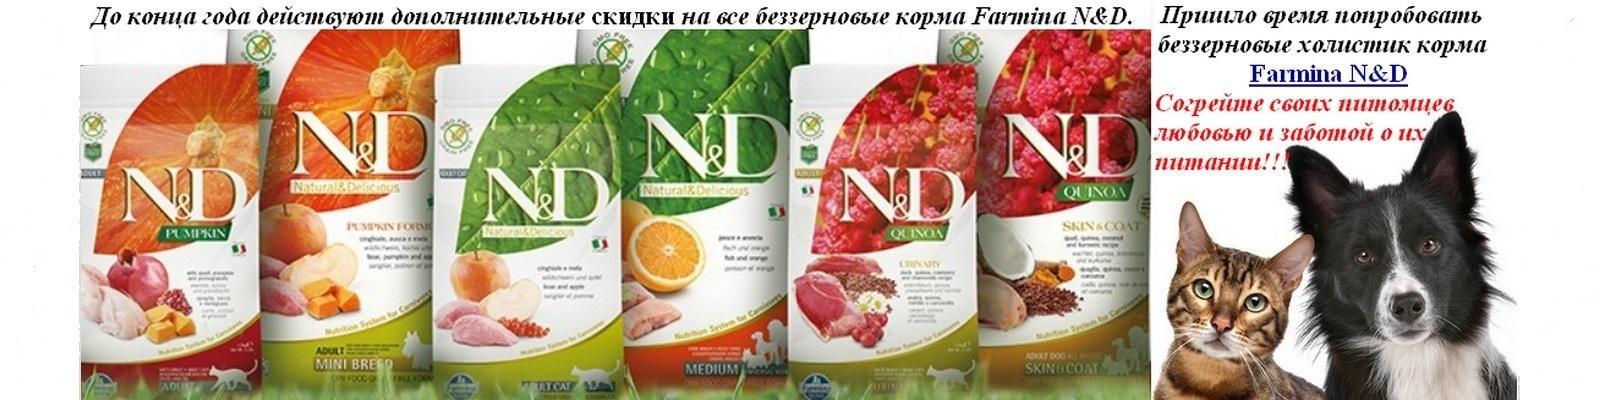 Скидки на корма Farmina N&D